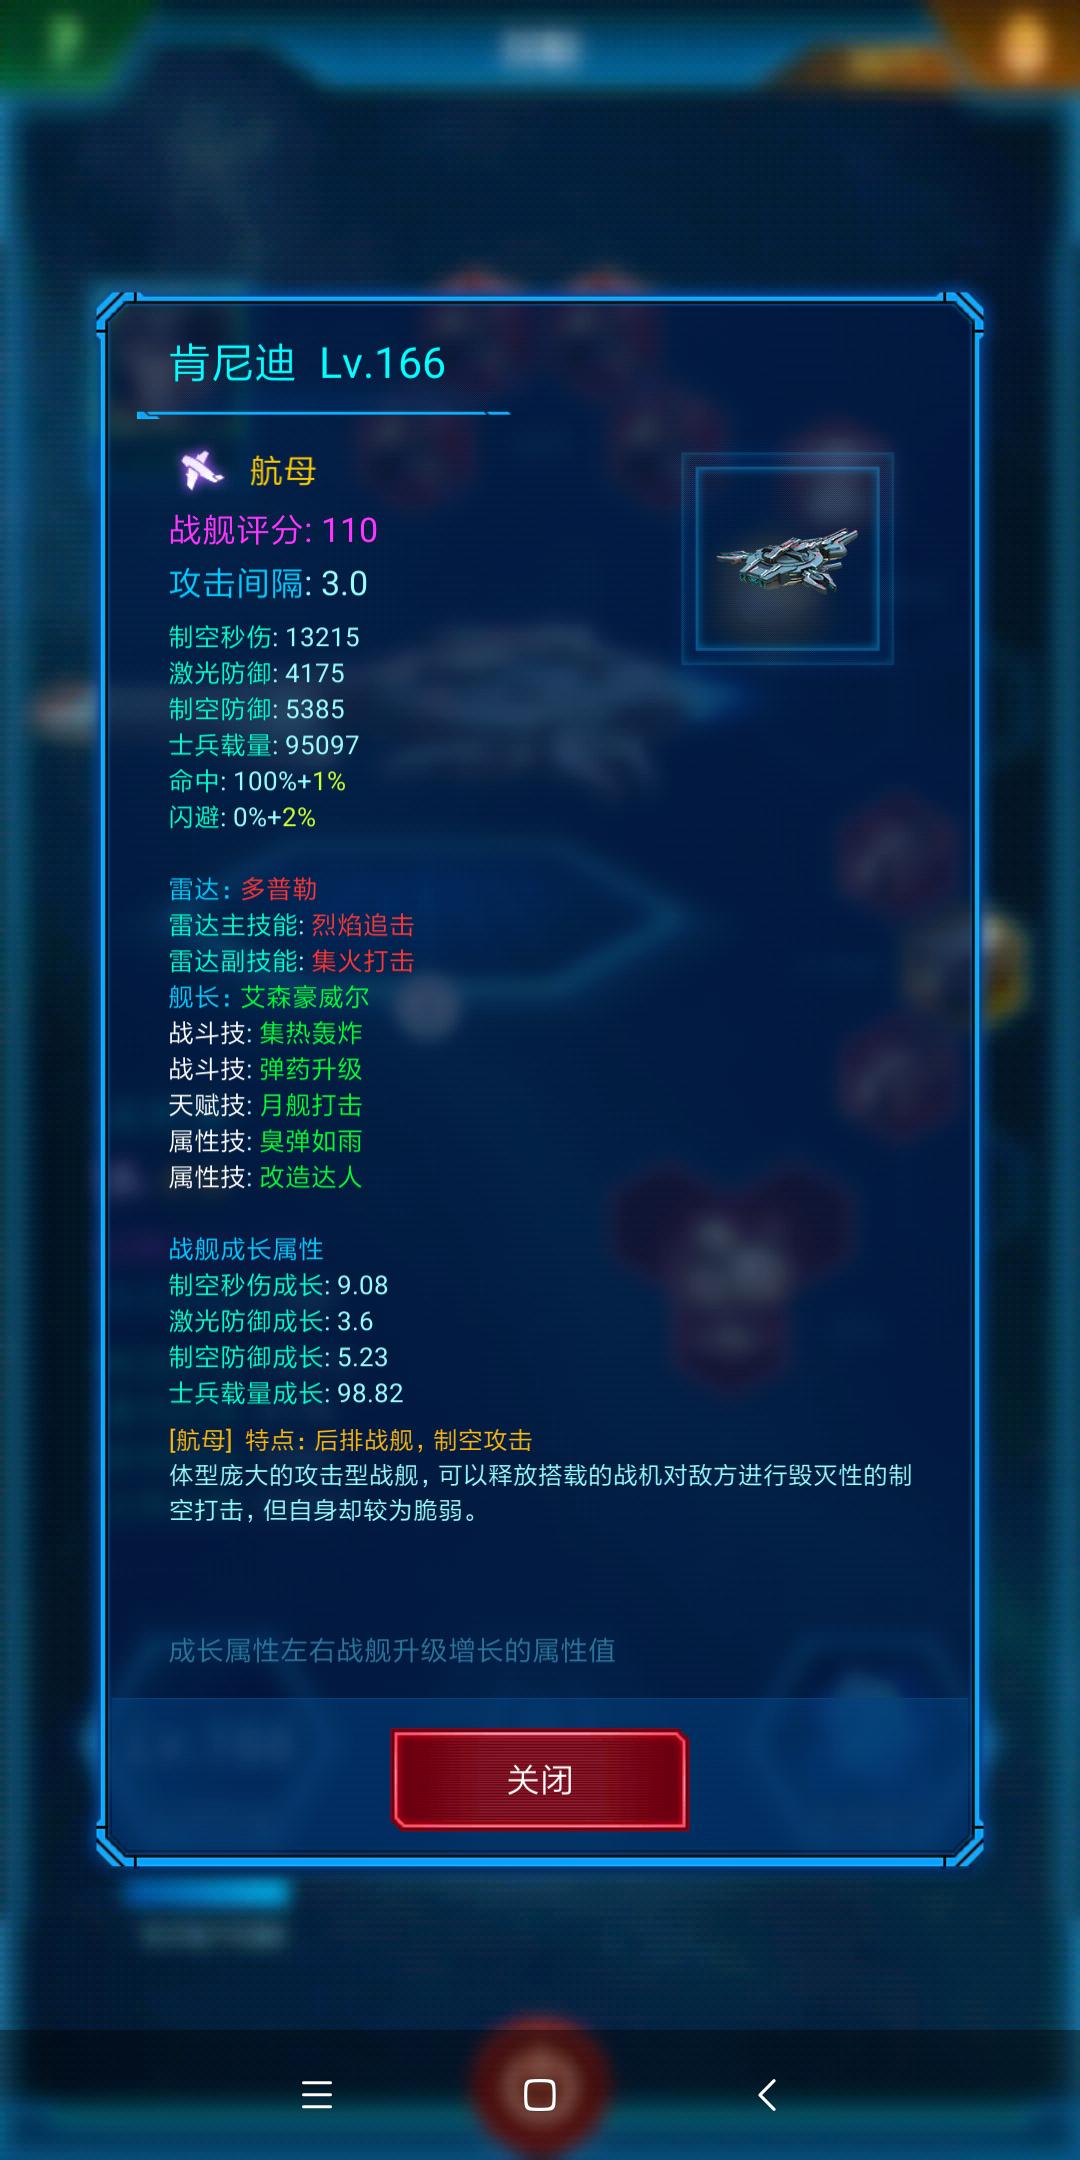 Screenshot_2019-08-05-16-34-15-789_com.tencent.tmgp.p16s.png